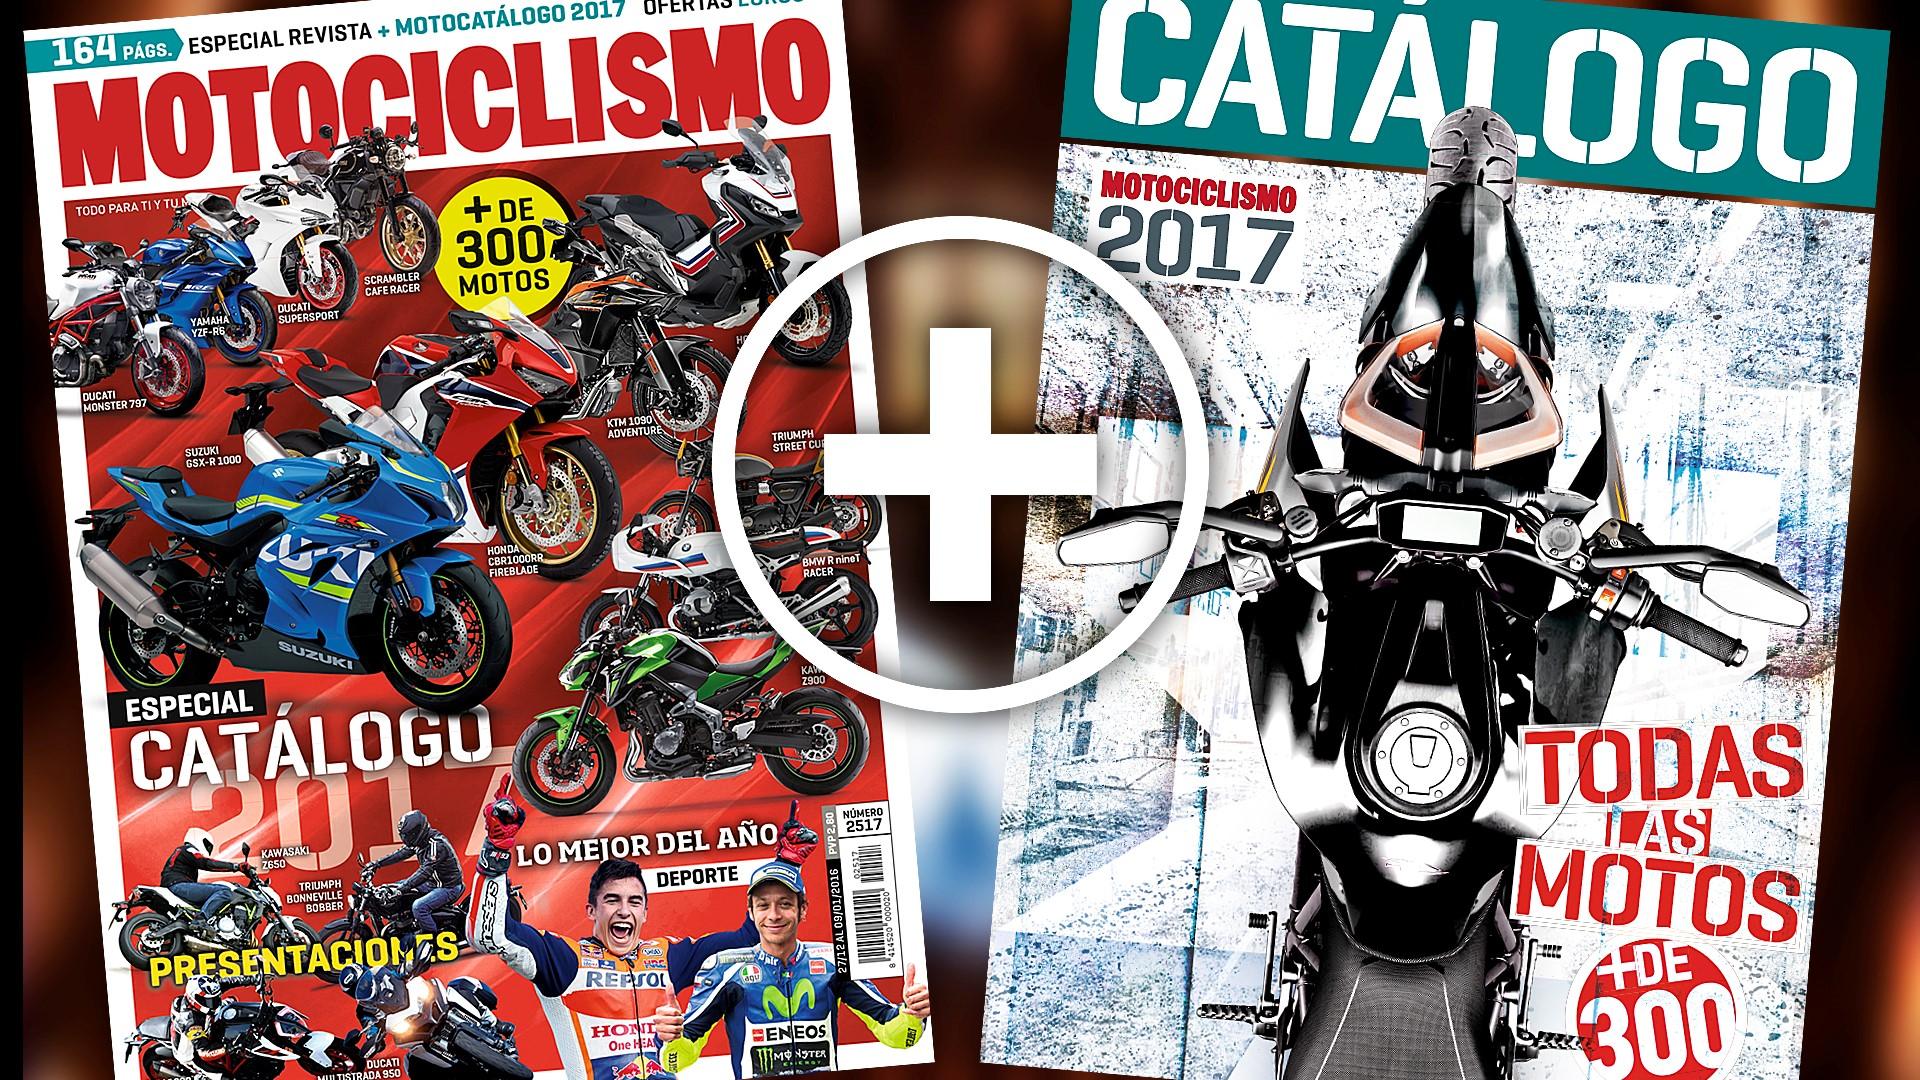 Motocatálogo 2017 y Lo Mejor del año 2016, en Motociclismo